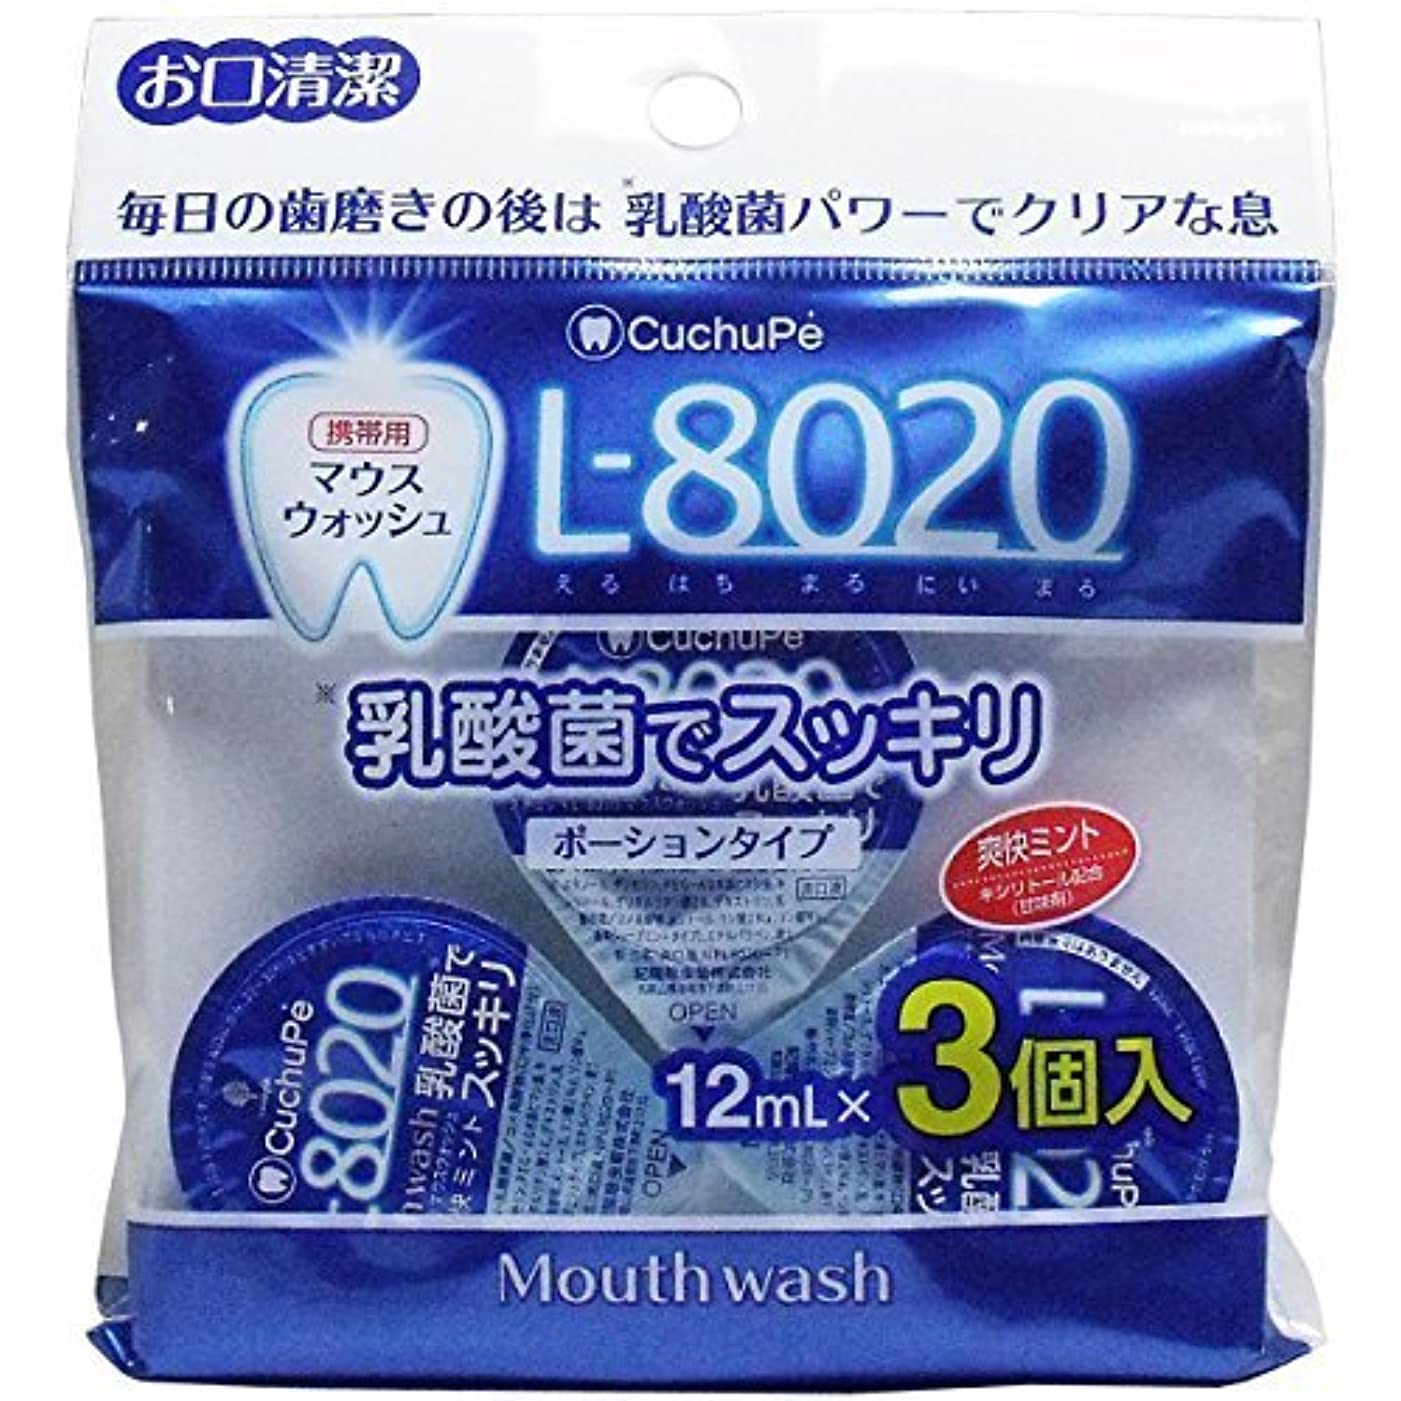 クチュッペL-8020爽快ミントポーションタイプ3個入(アルコール) 【まとめ買い10個セット】 K-7051